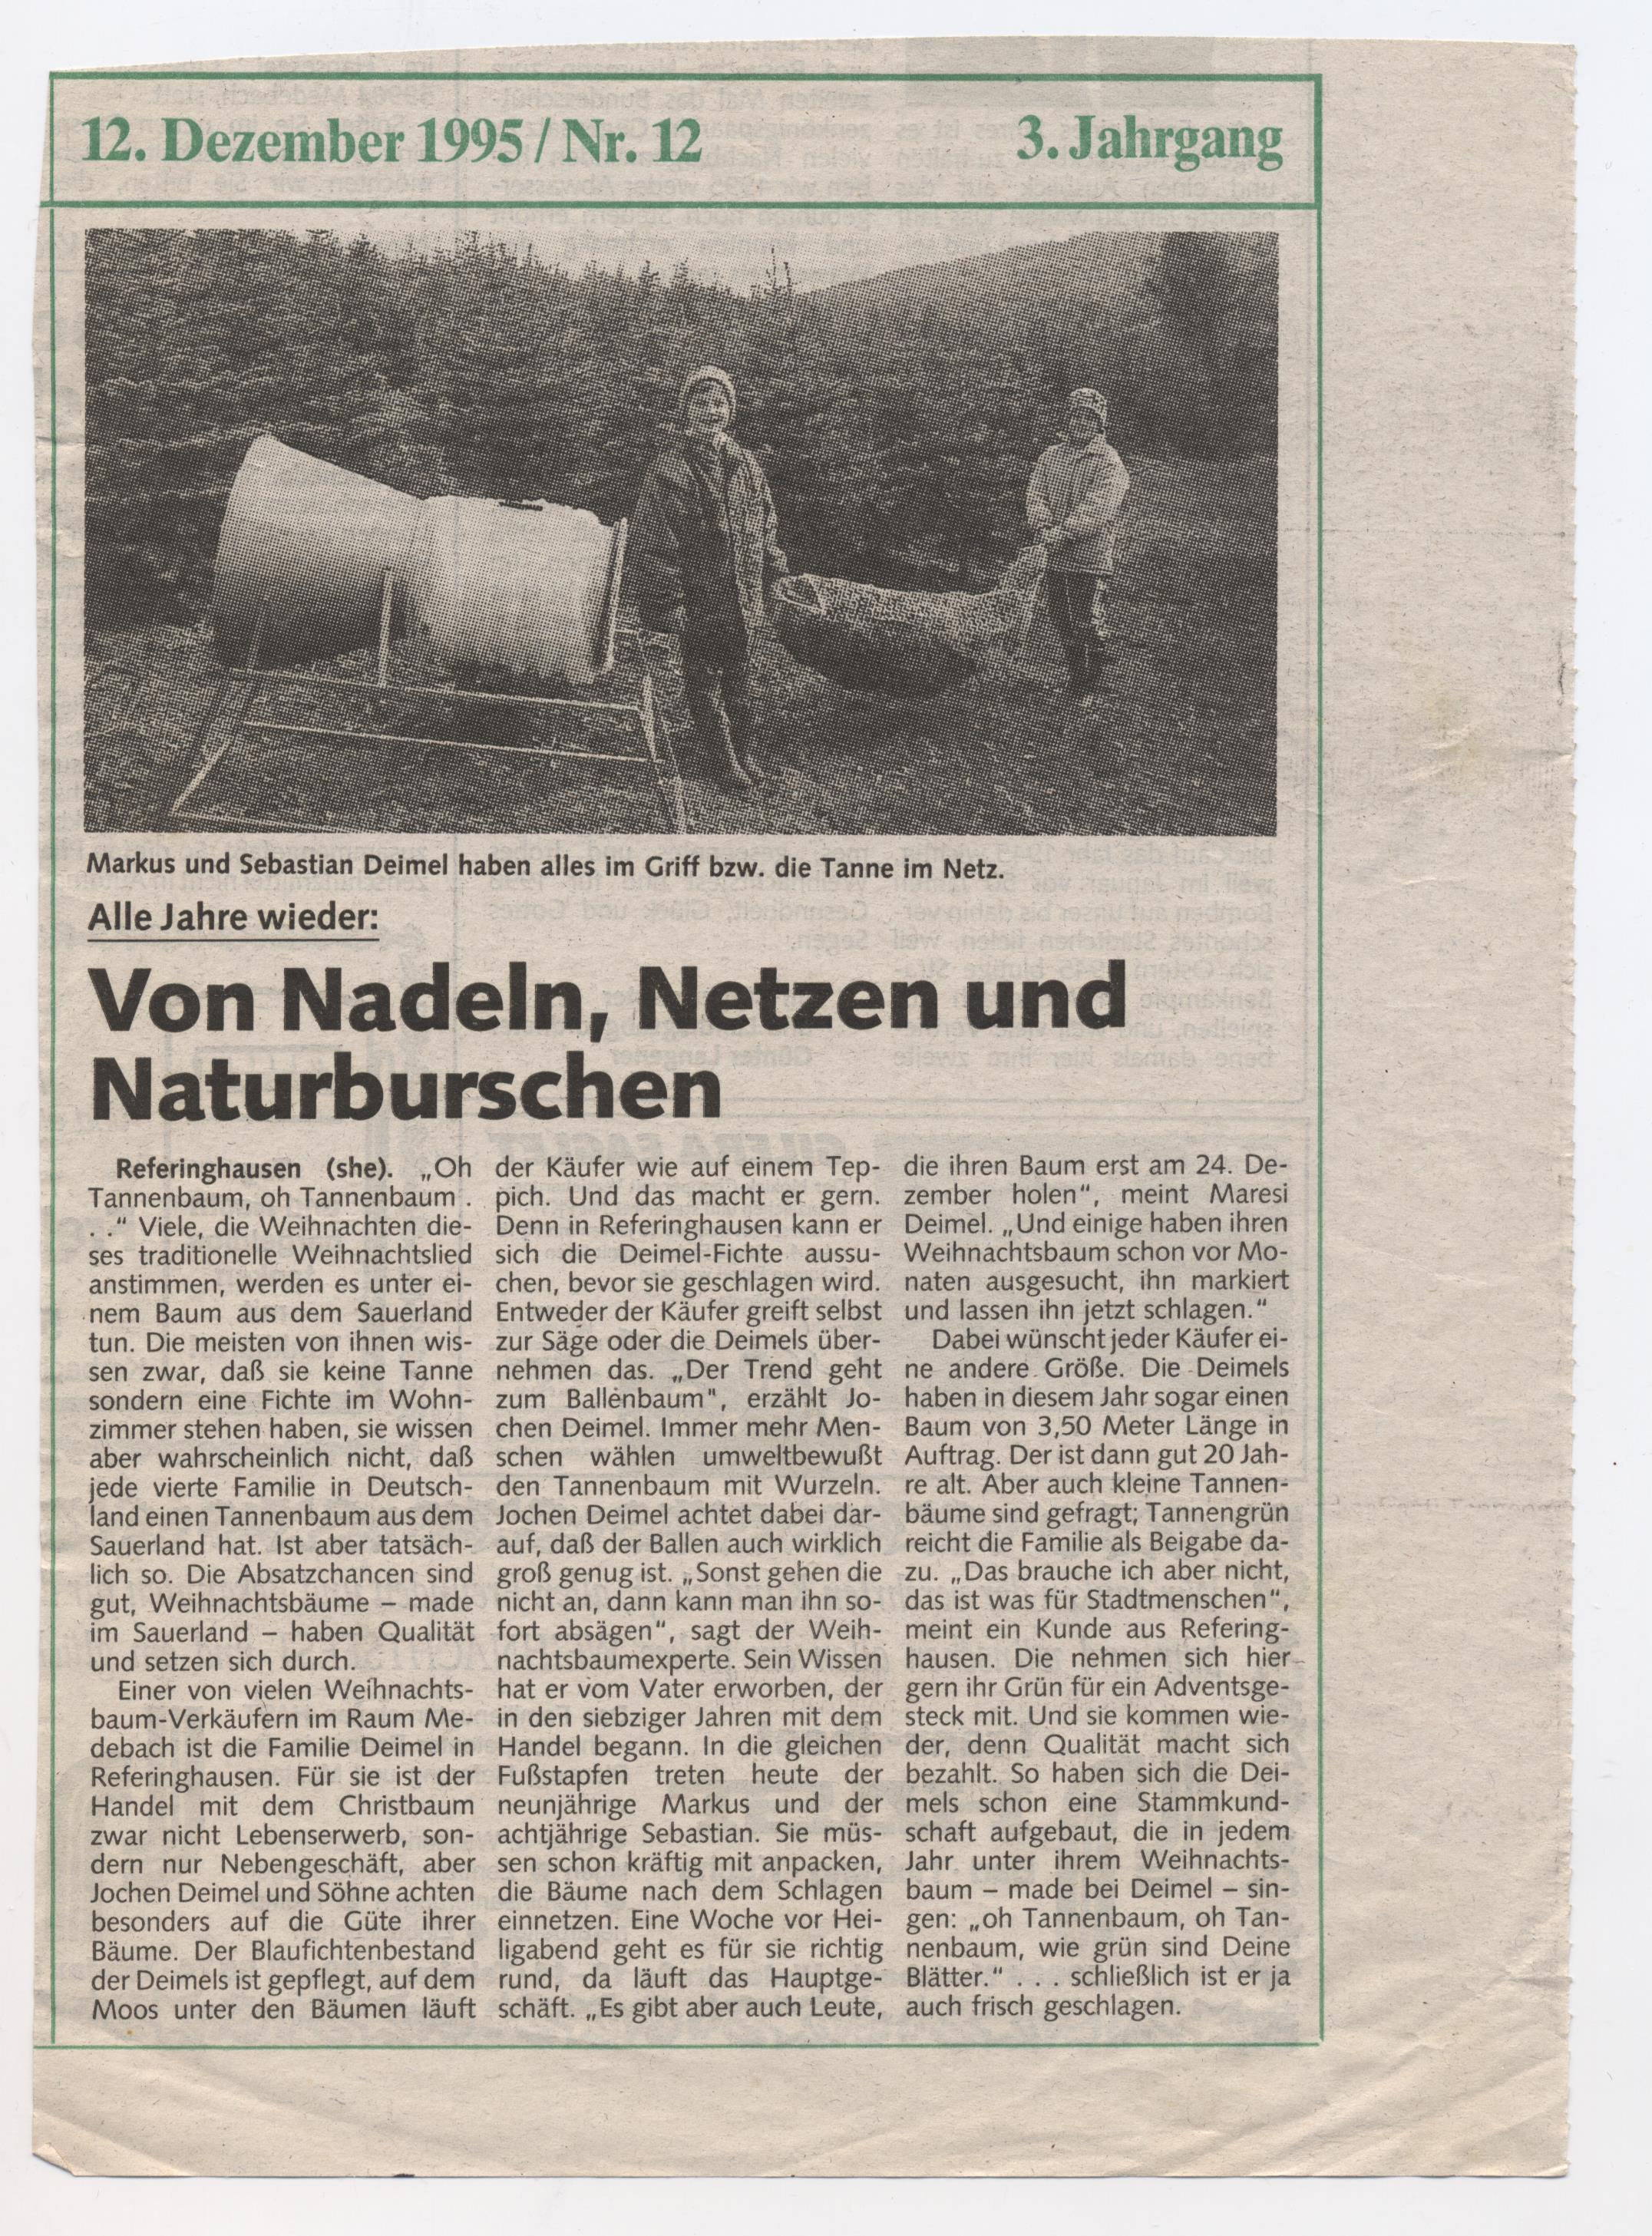 Von Nadeln, Netzen und Naturburschen